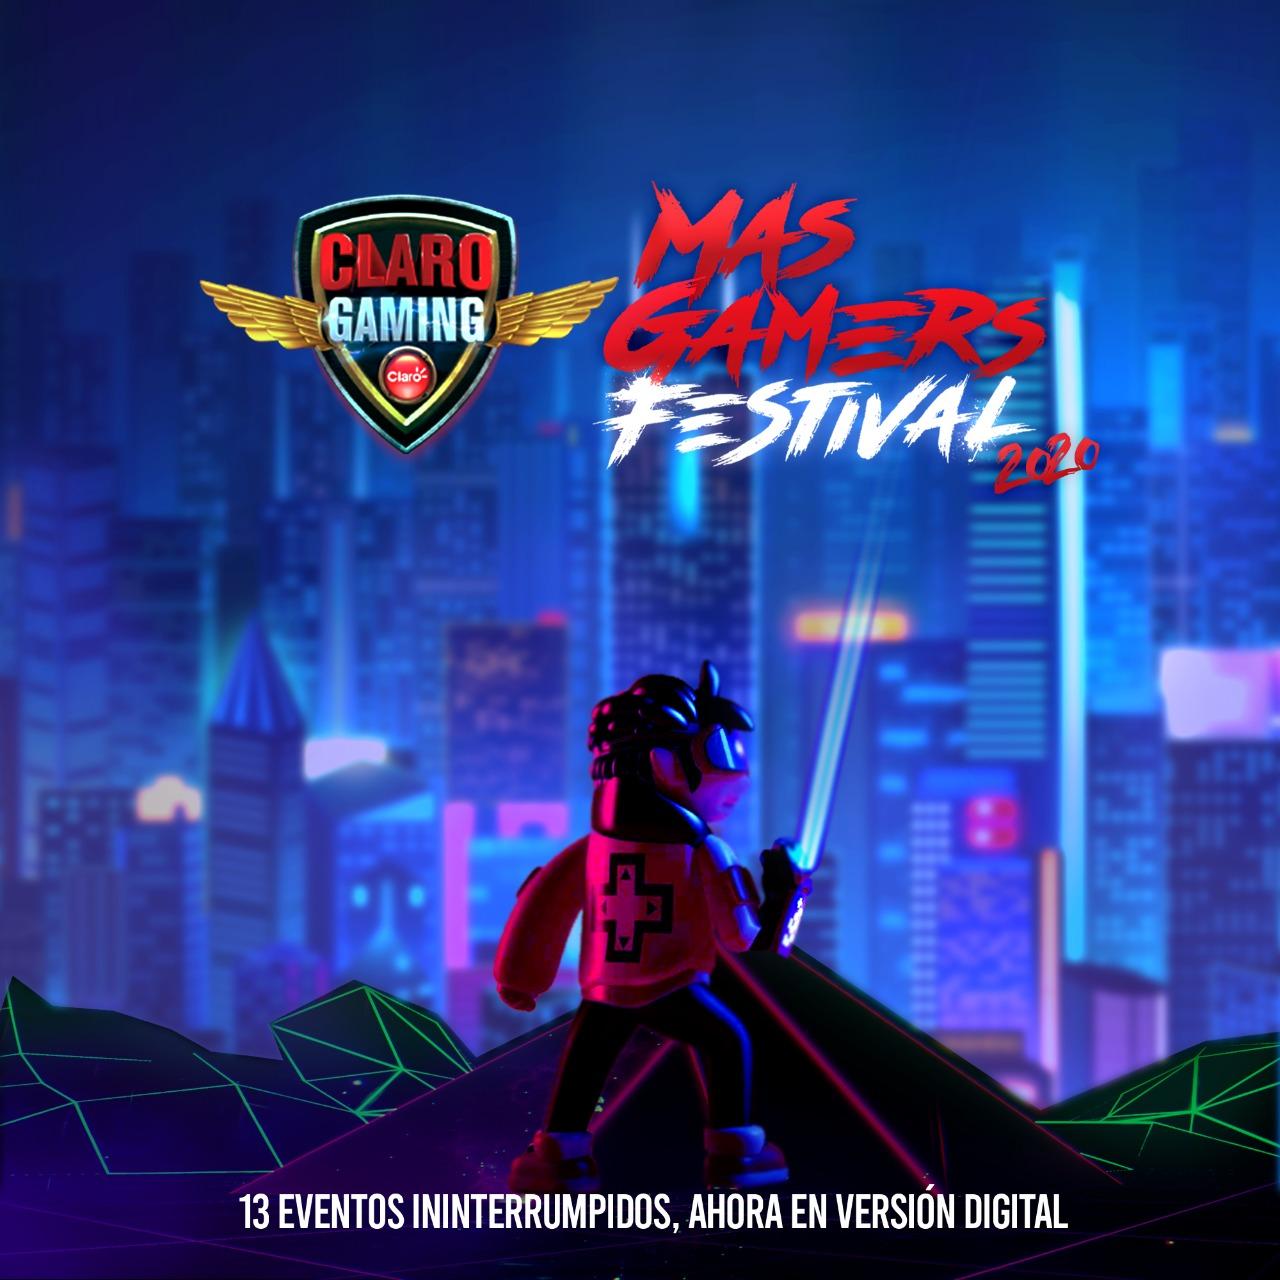 Fotos de El Claro Gaming MasGamers Festival 2020, une a Latinoamérica mediante el desarrollo de videojuegos, en el Latam Game Jam